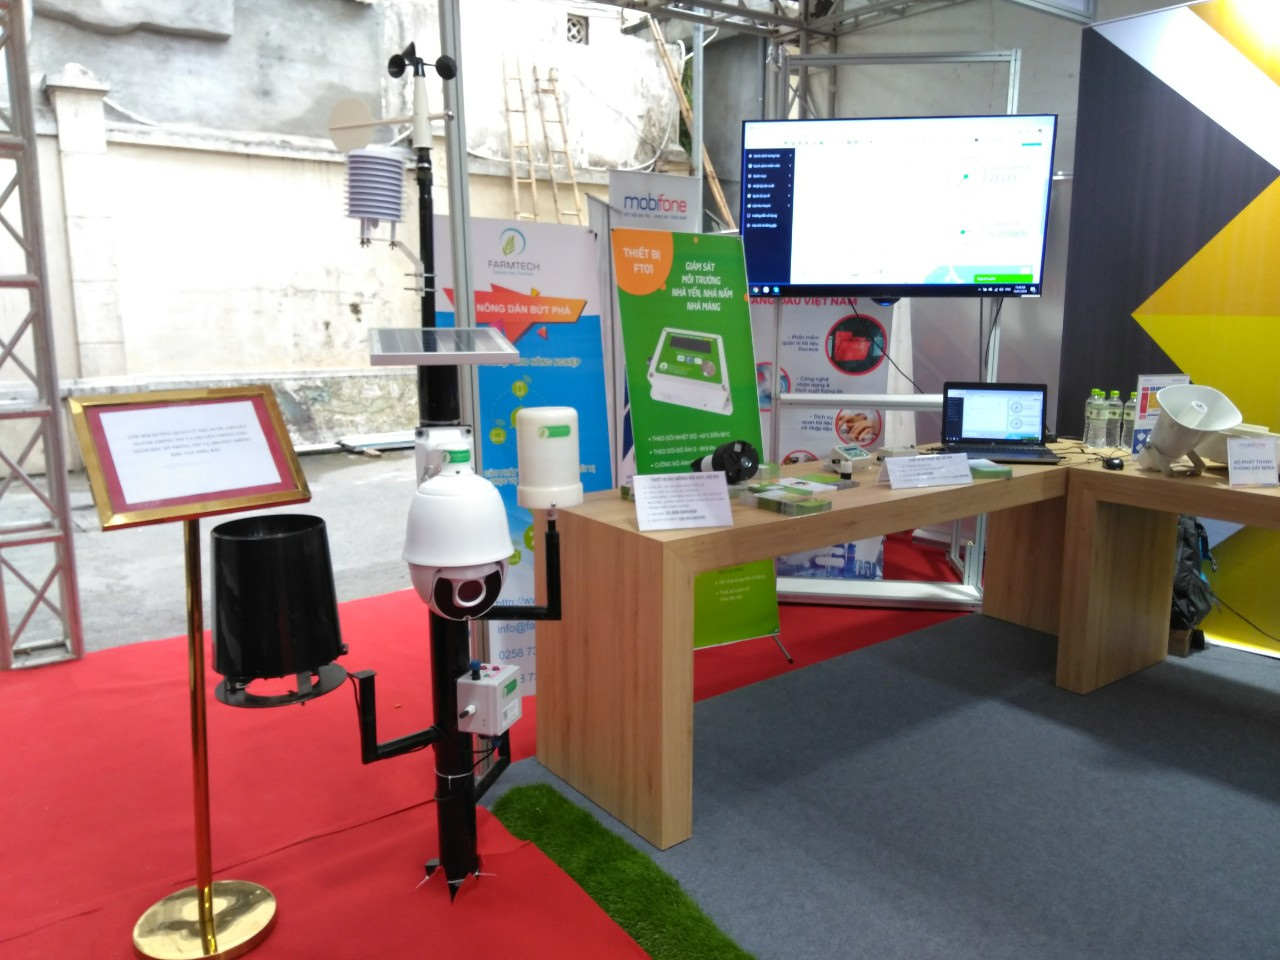 Hành trình tạo ra mạng xã hội nhà nông tích hợp IoT đầu tiên của Việt Nam - Ảnh 3.